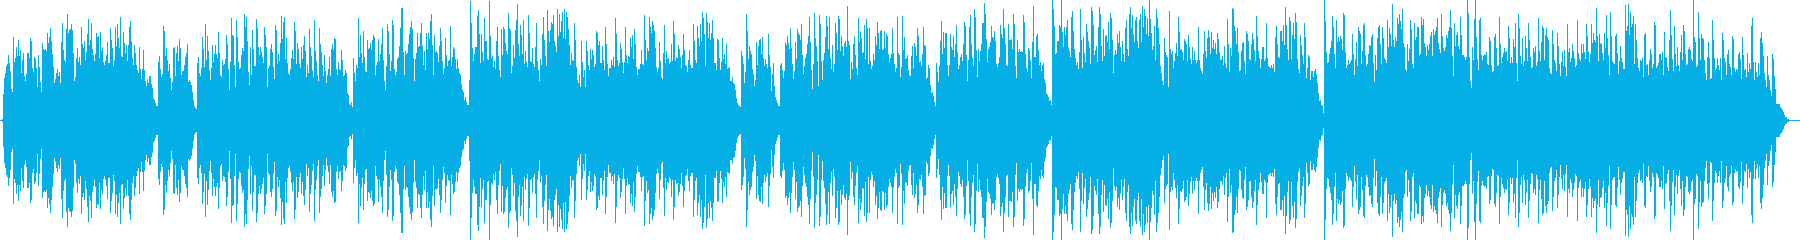 壮大でクラシカルなピアノ旋律バラードの再生済みの波形